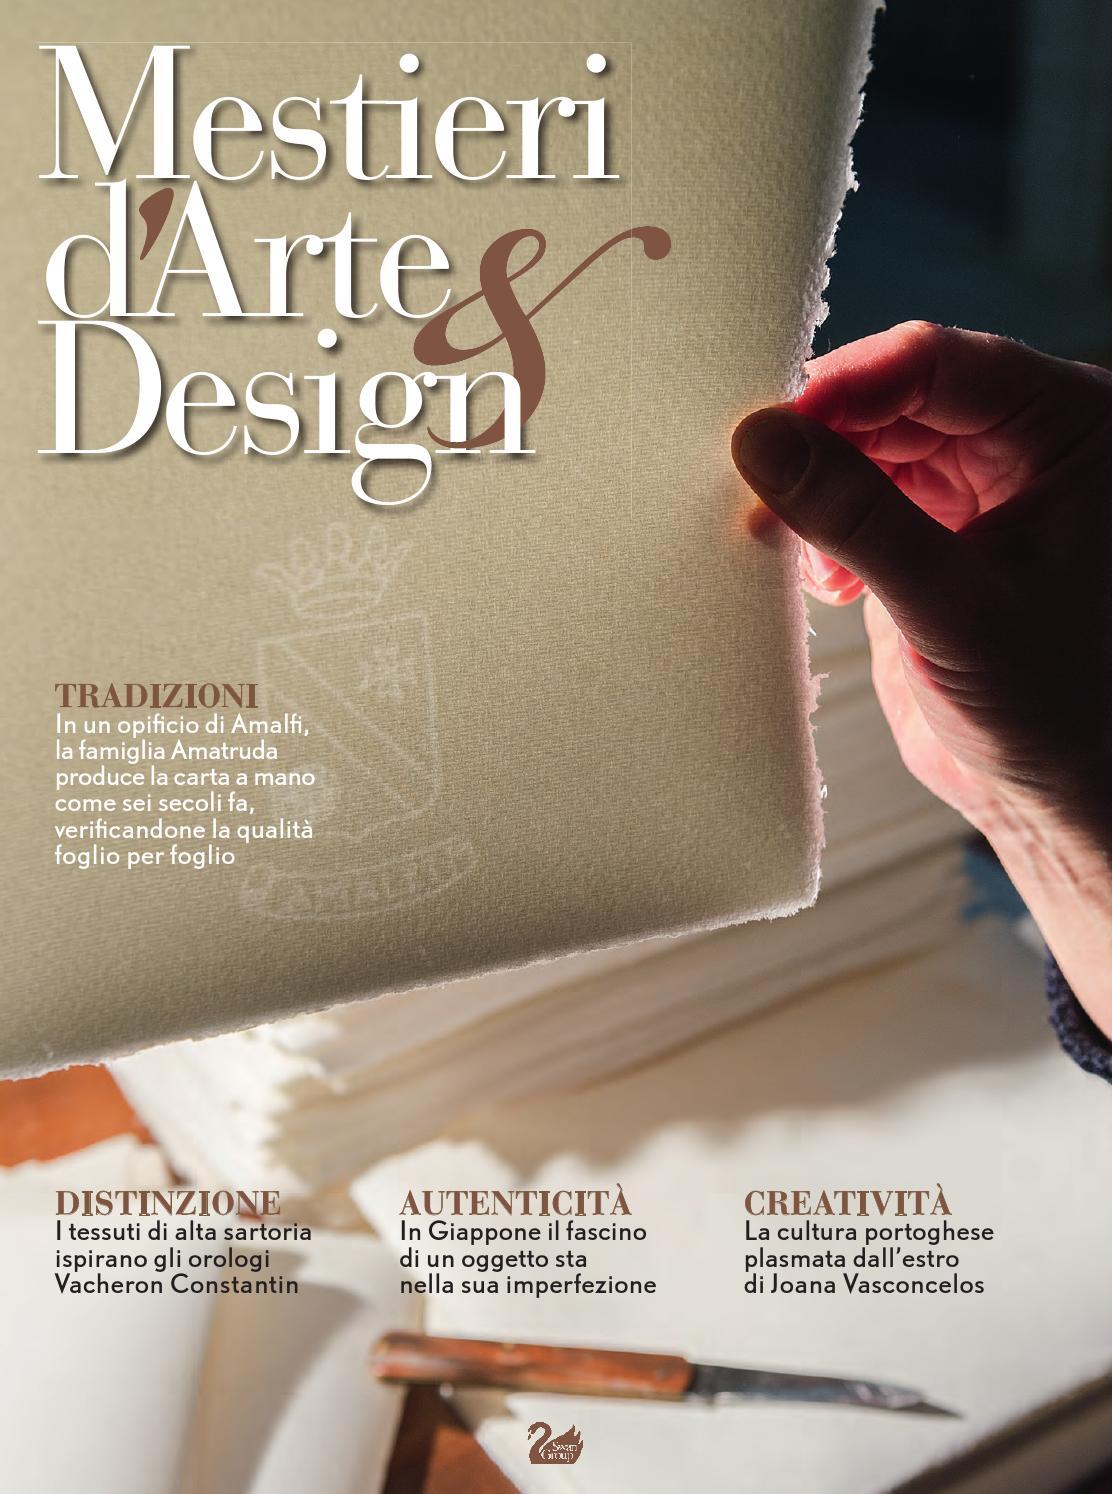 Mestieri d arte e design 13 by Fondazione Cologni dei Mestieri d Arte -  issuu 35750325e53